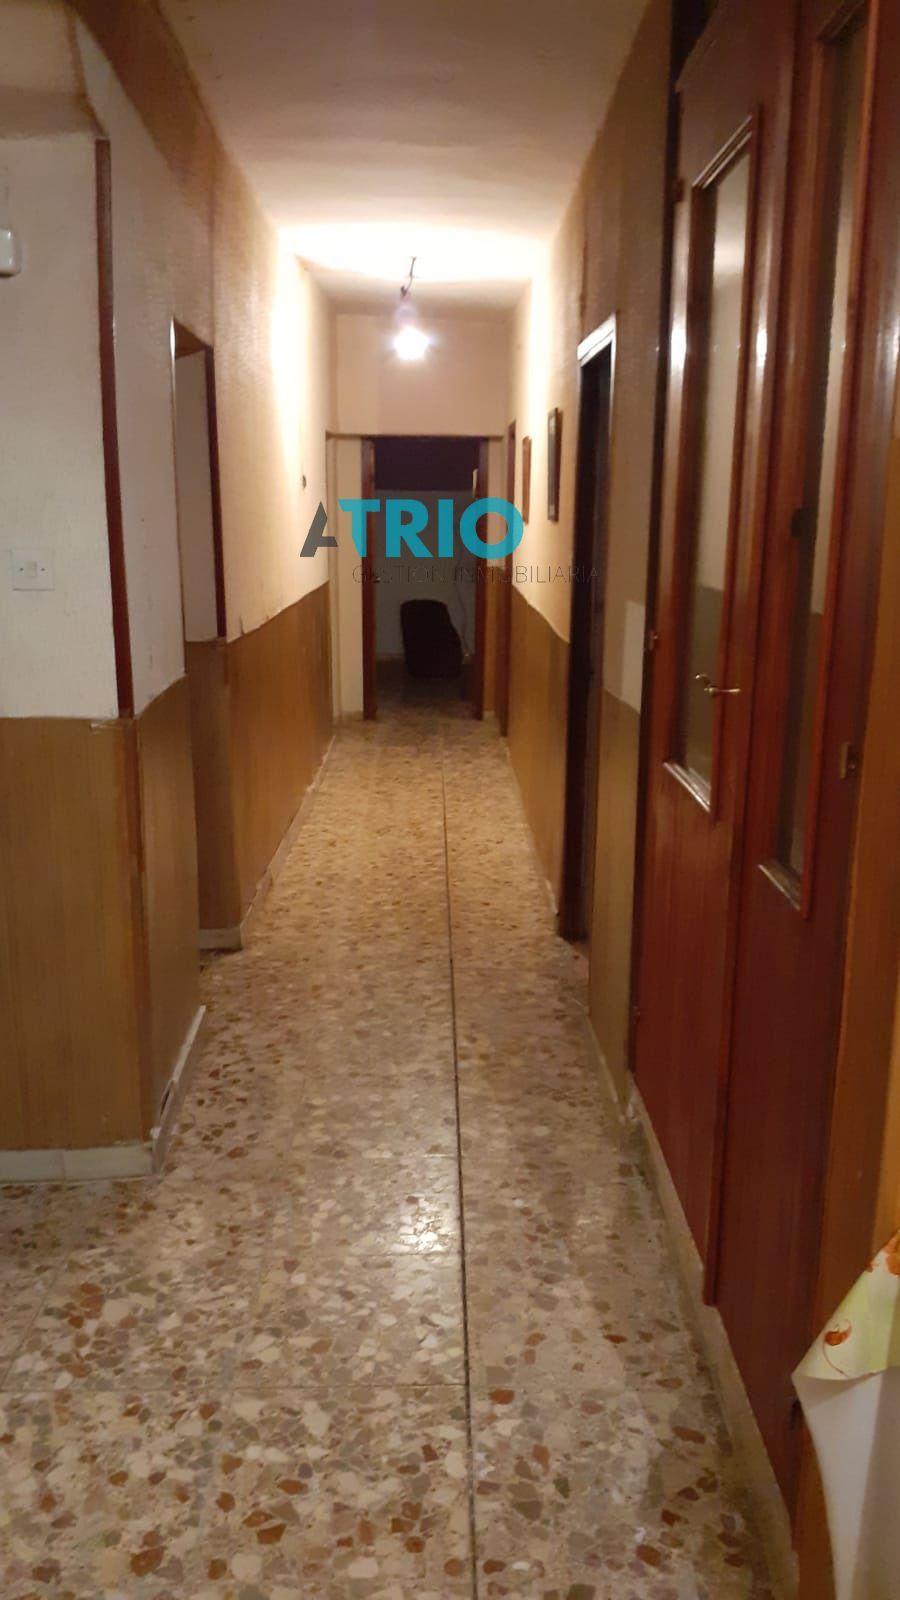 dia.mobiliagestion.es/Portals/inmoatrio/Images/6889/5023359